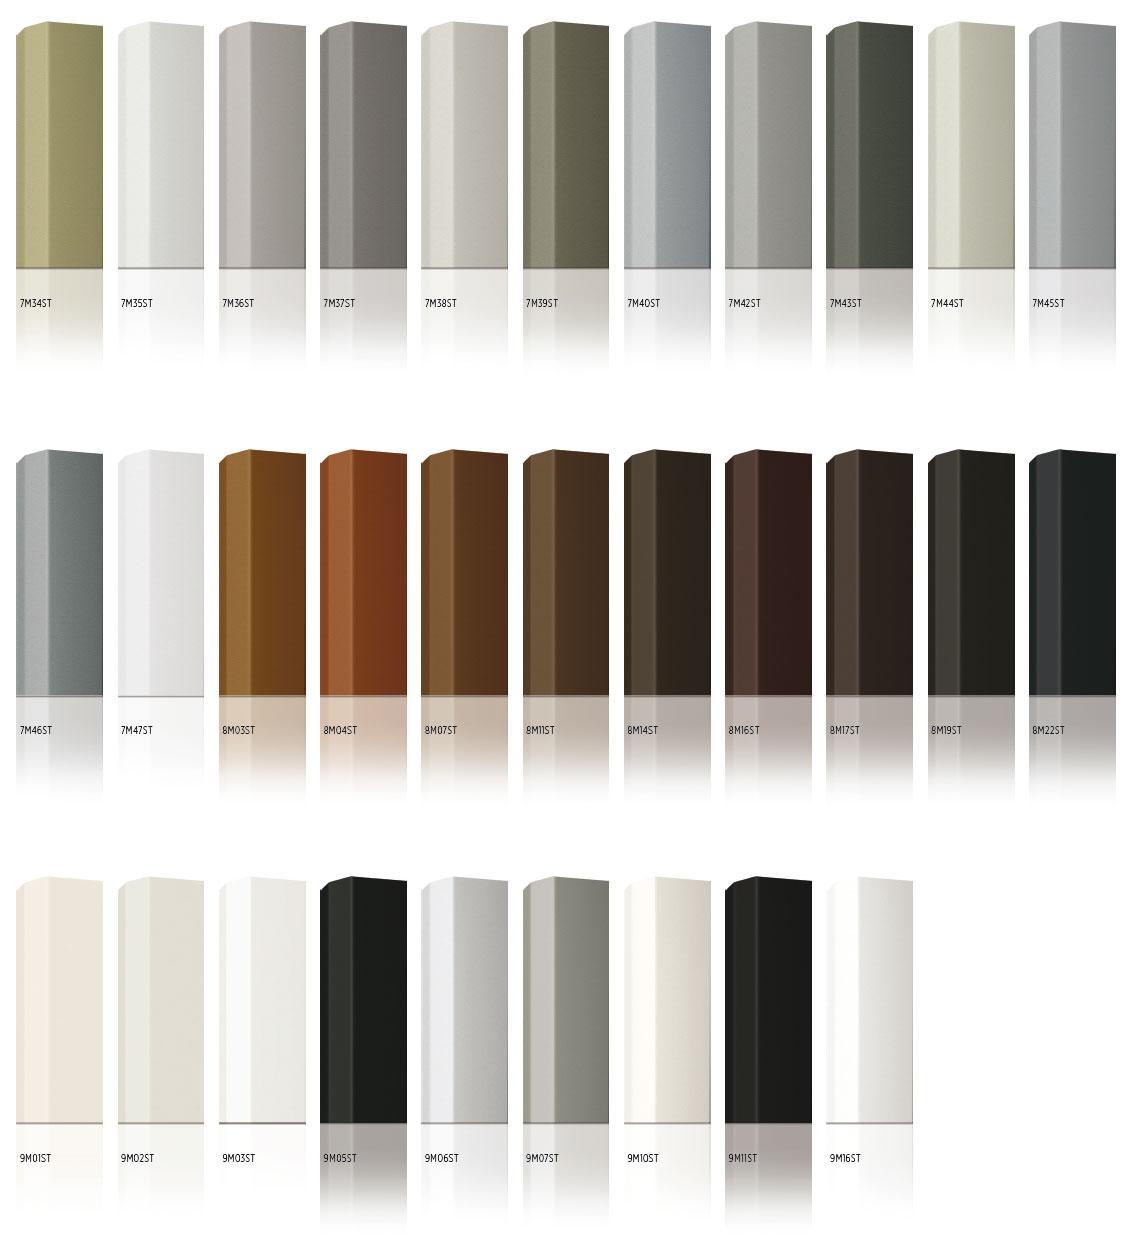 Combinaisons de couleurs ALU